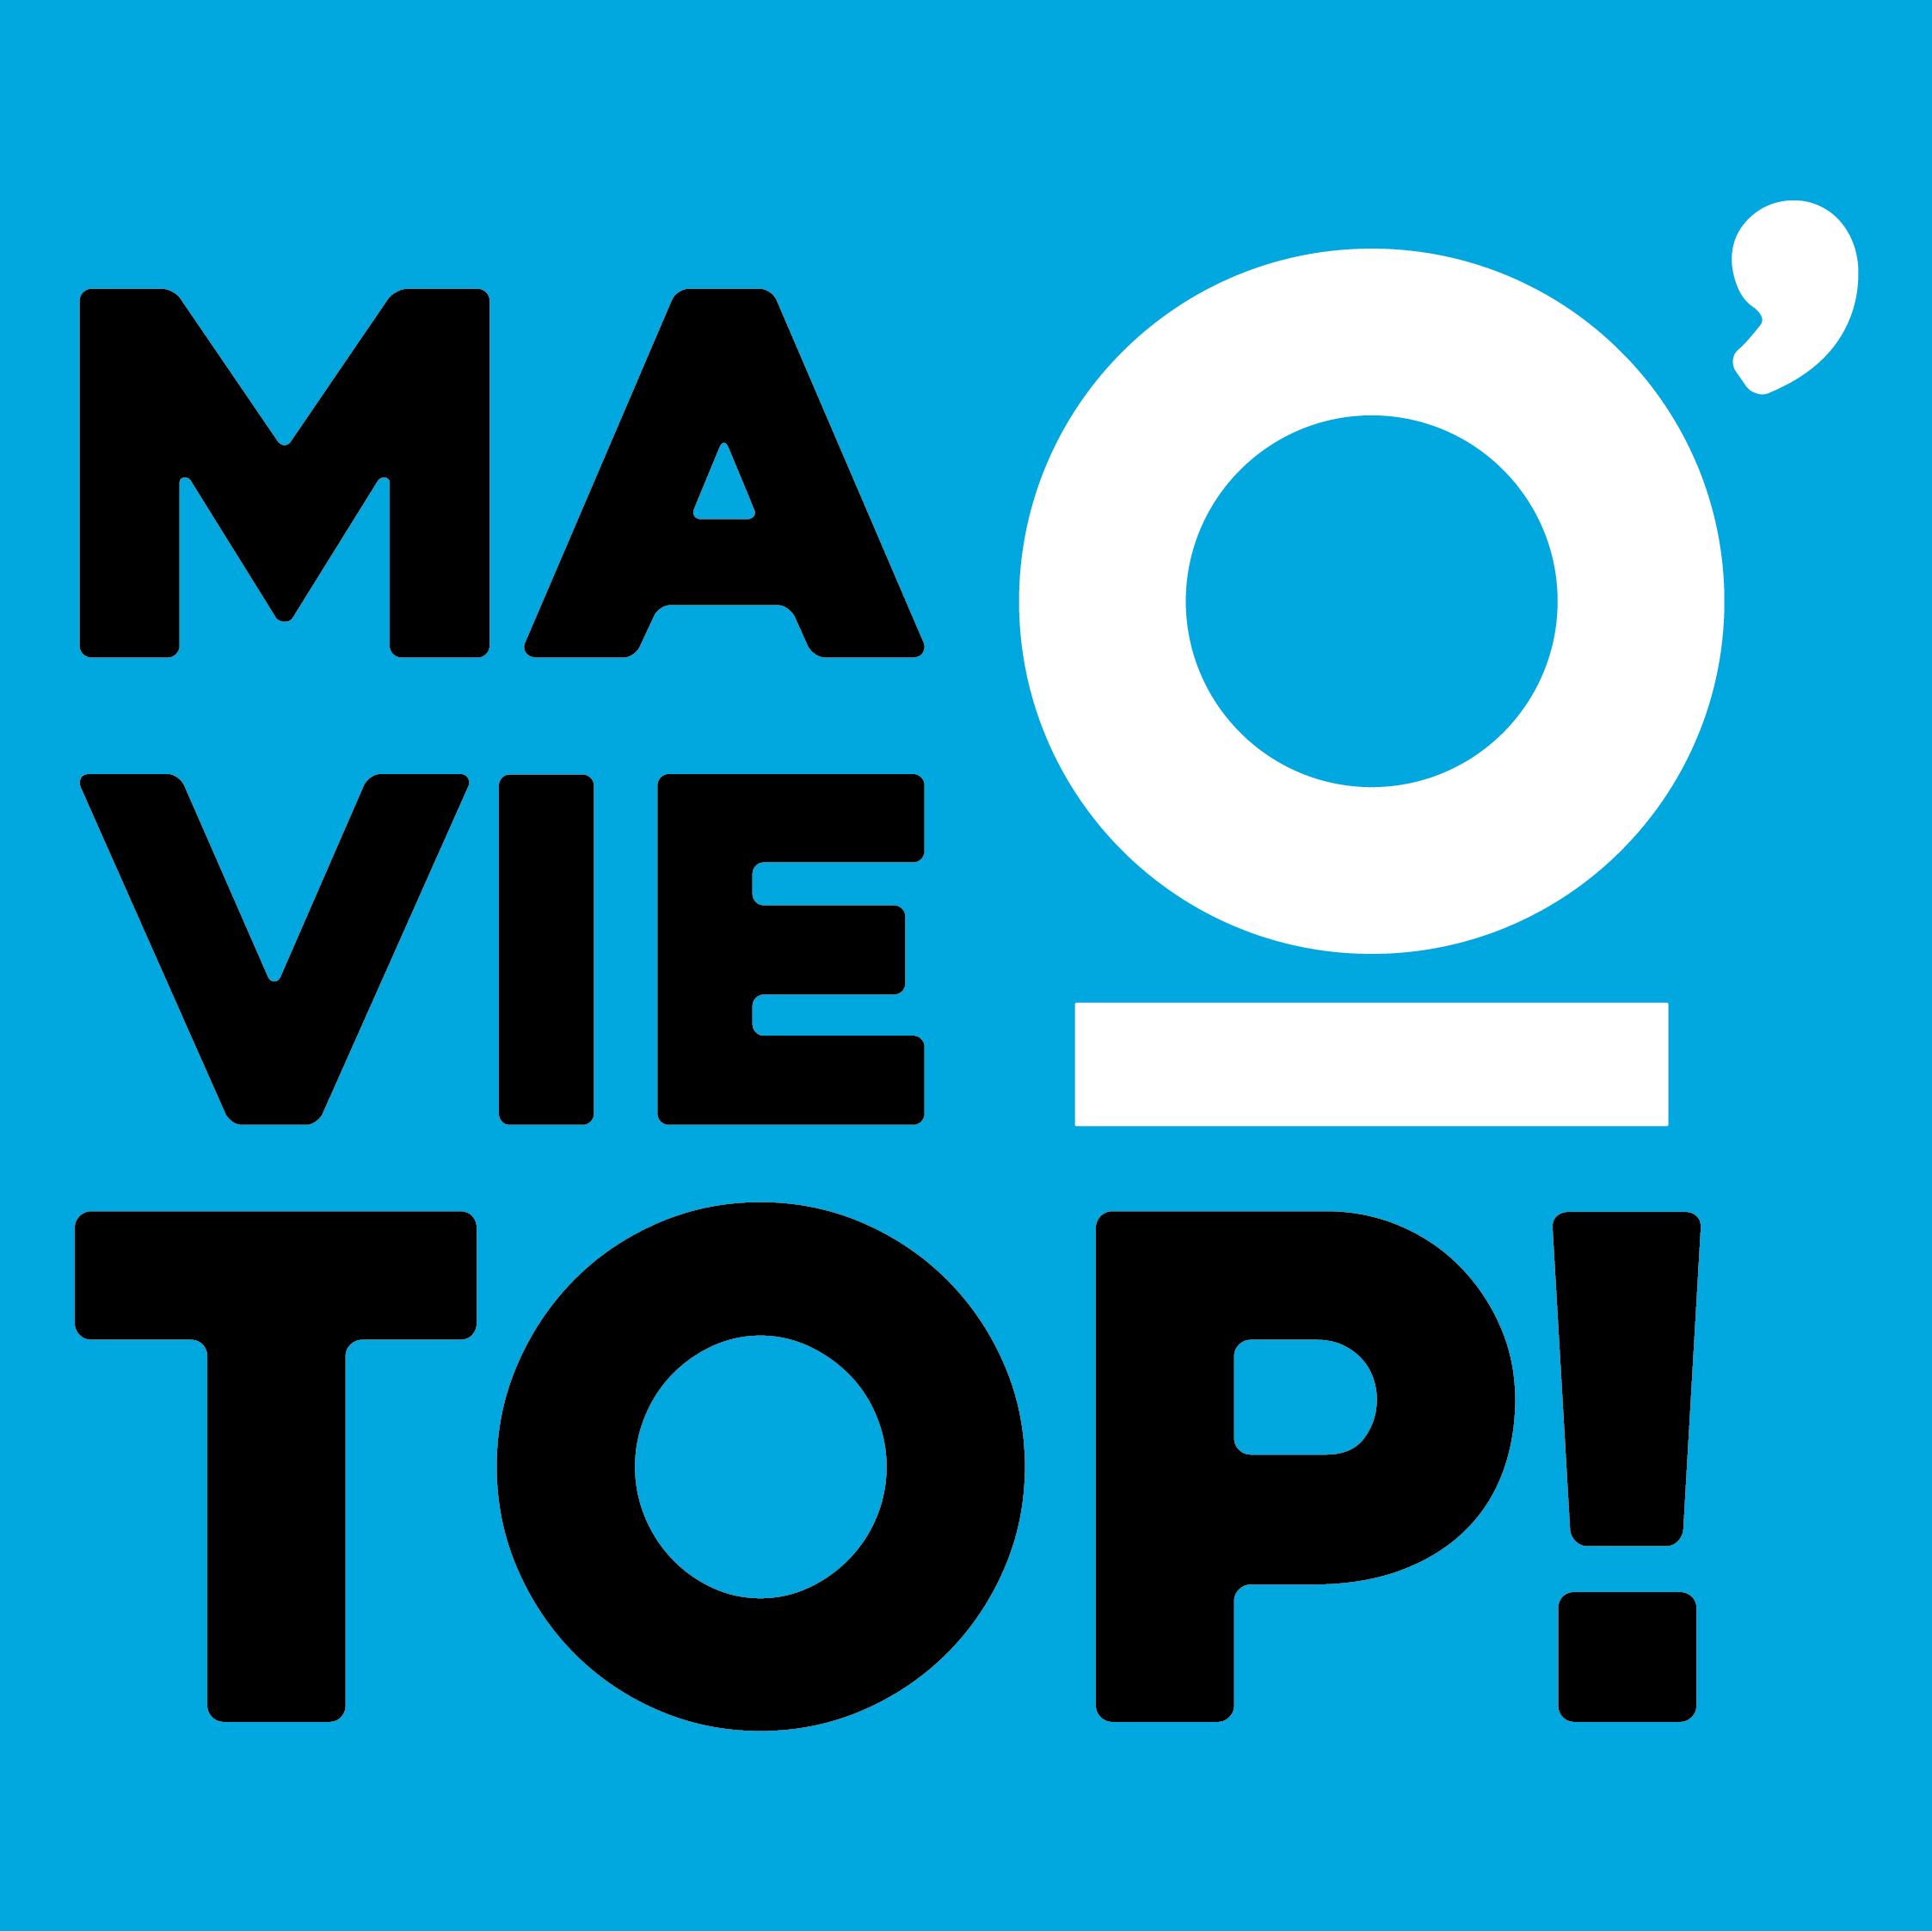 Logo de Ma vie O' top !